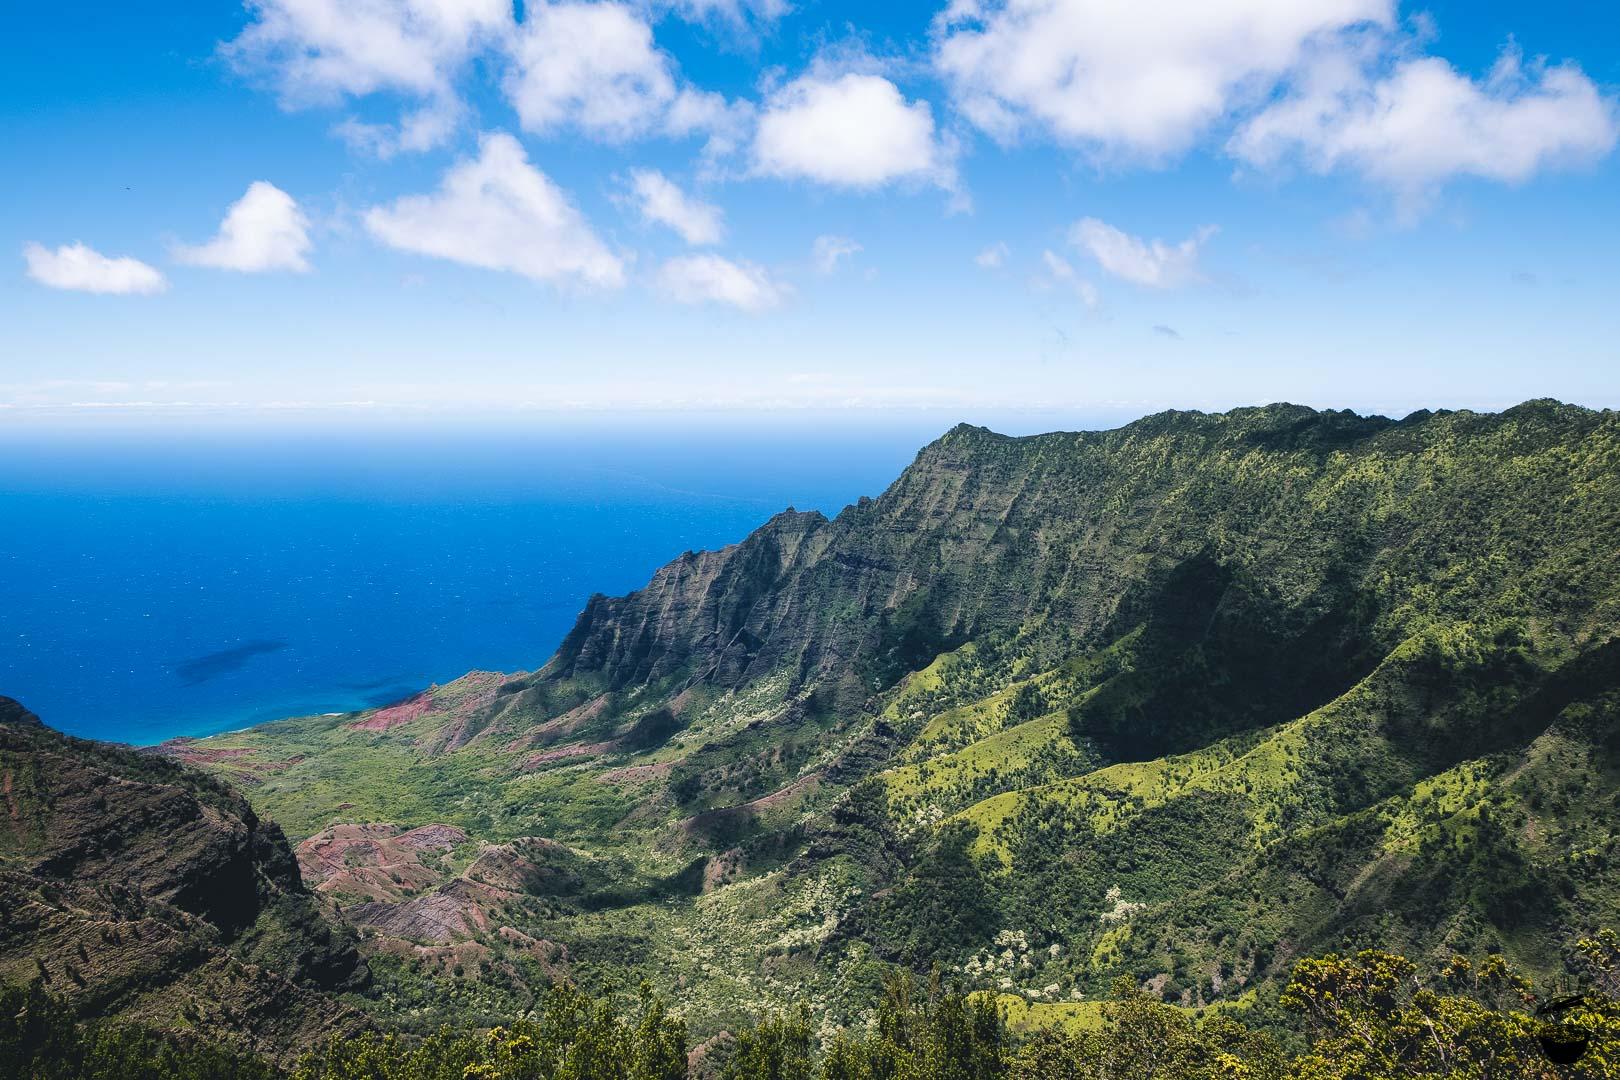 Pu'o Kila Lookout Kauai Hawaii